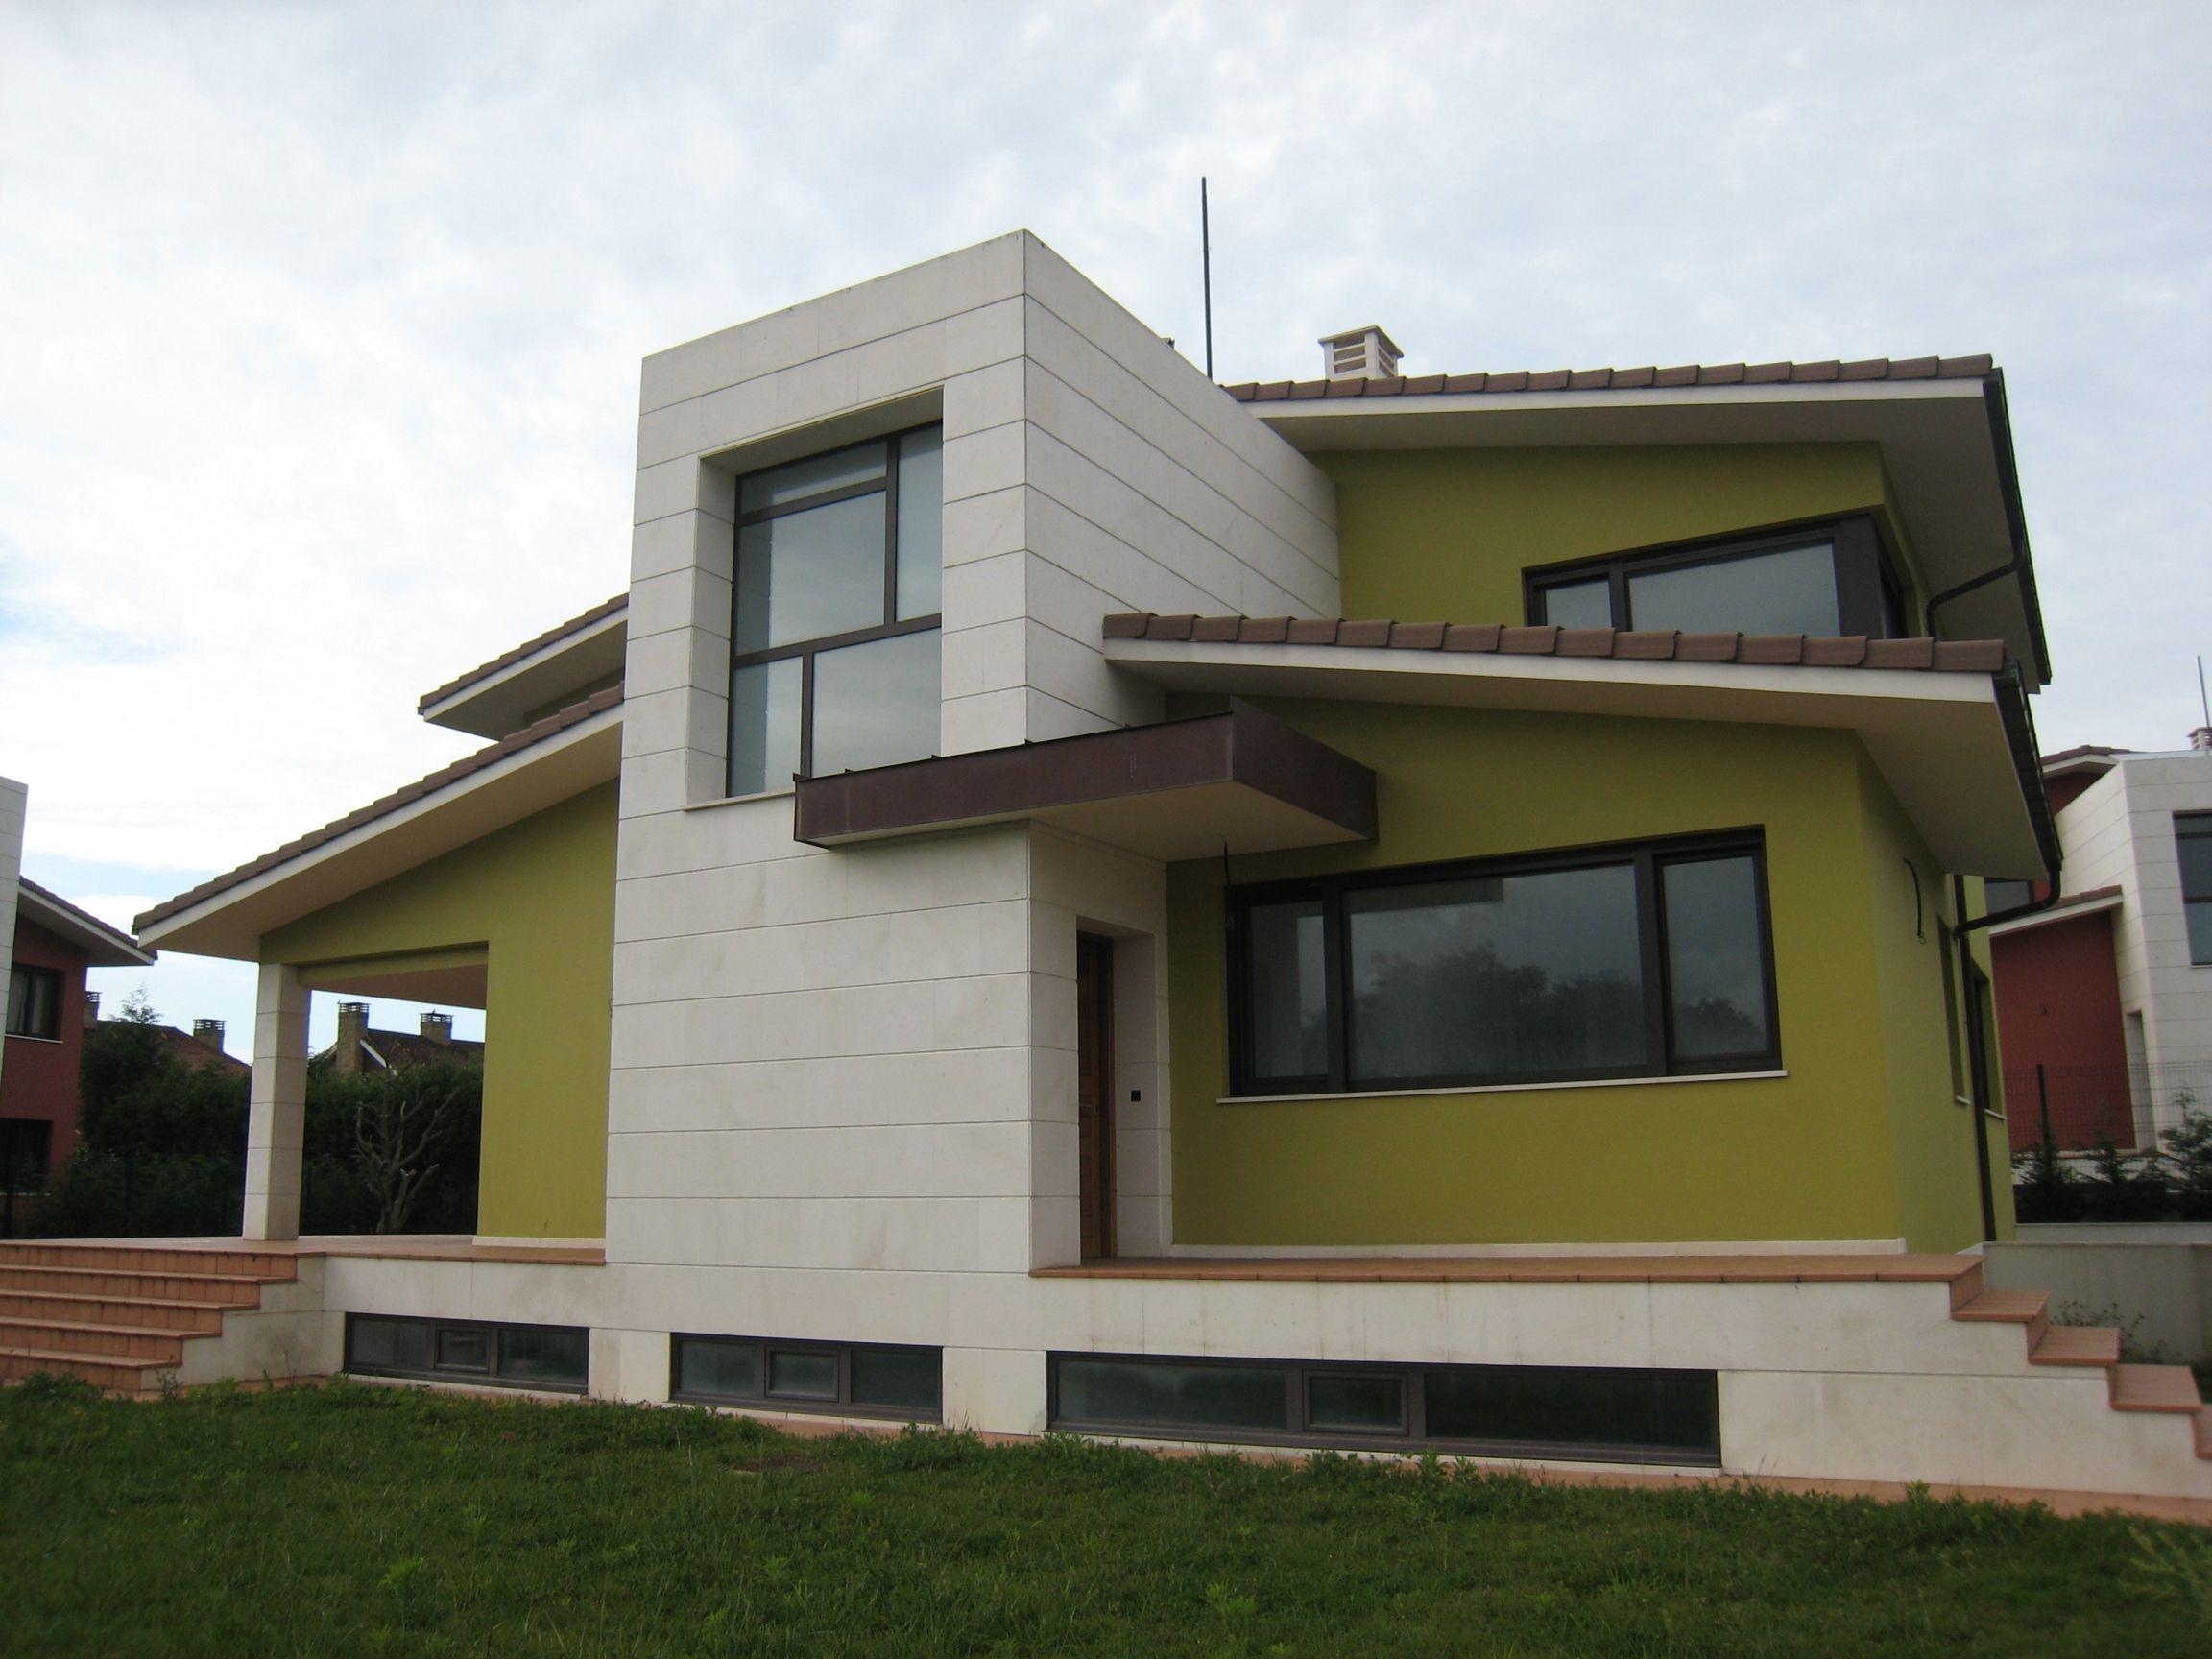 Casas moderno escalera exterior pelda os ventanas - Casas color verde ...